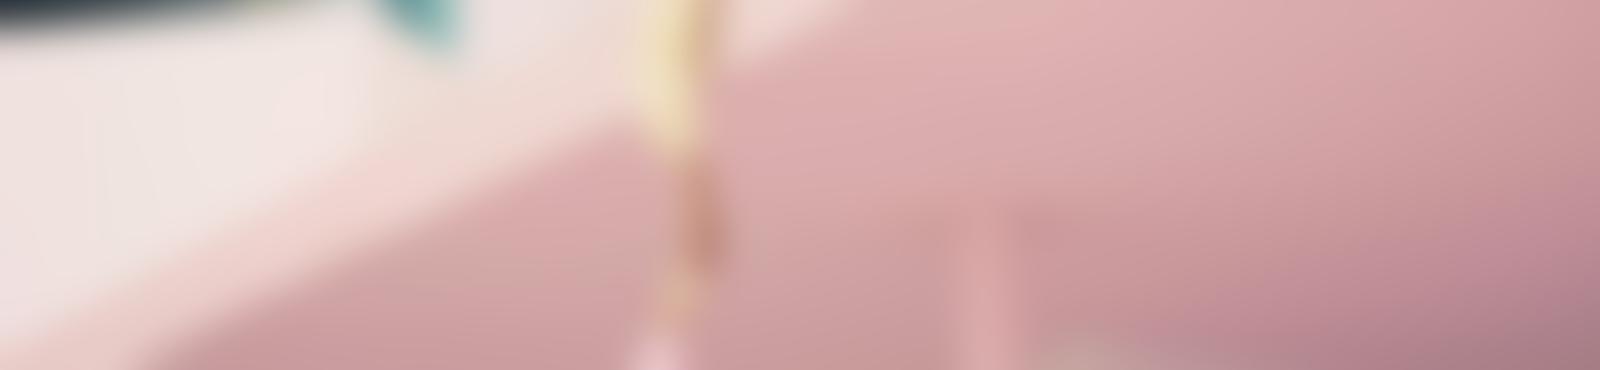 Blurred 8240dbf5 c5a2 49de 8ae6 d7fe747e02cb